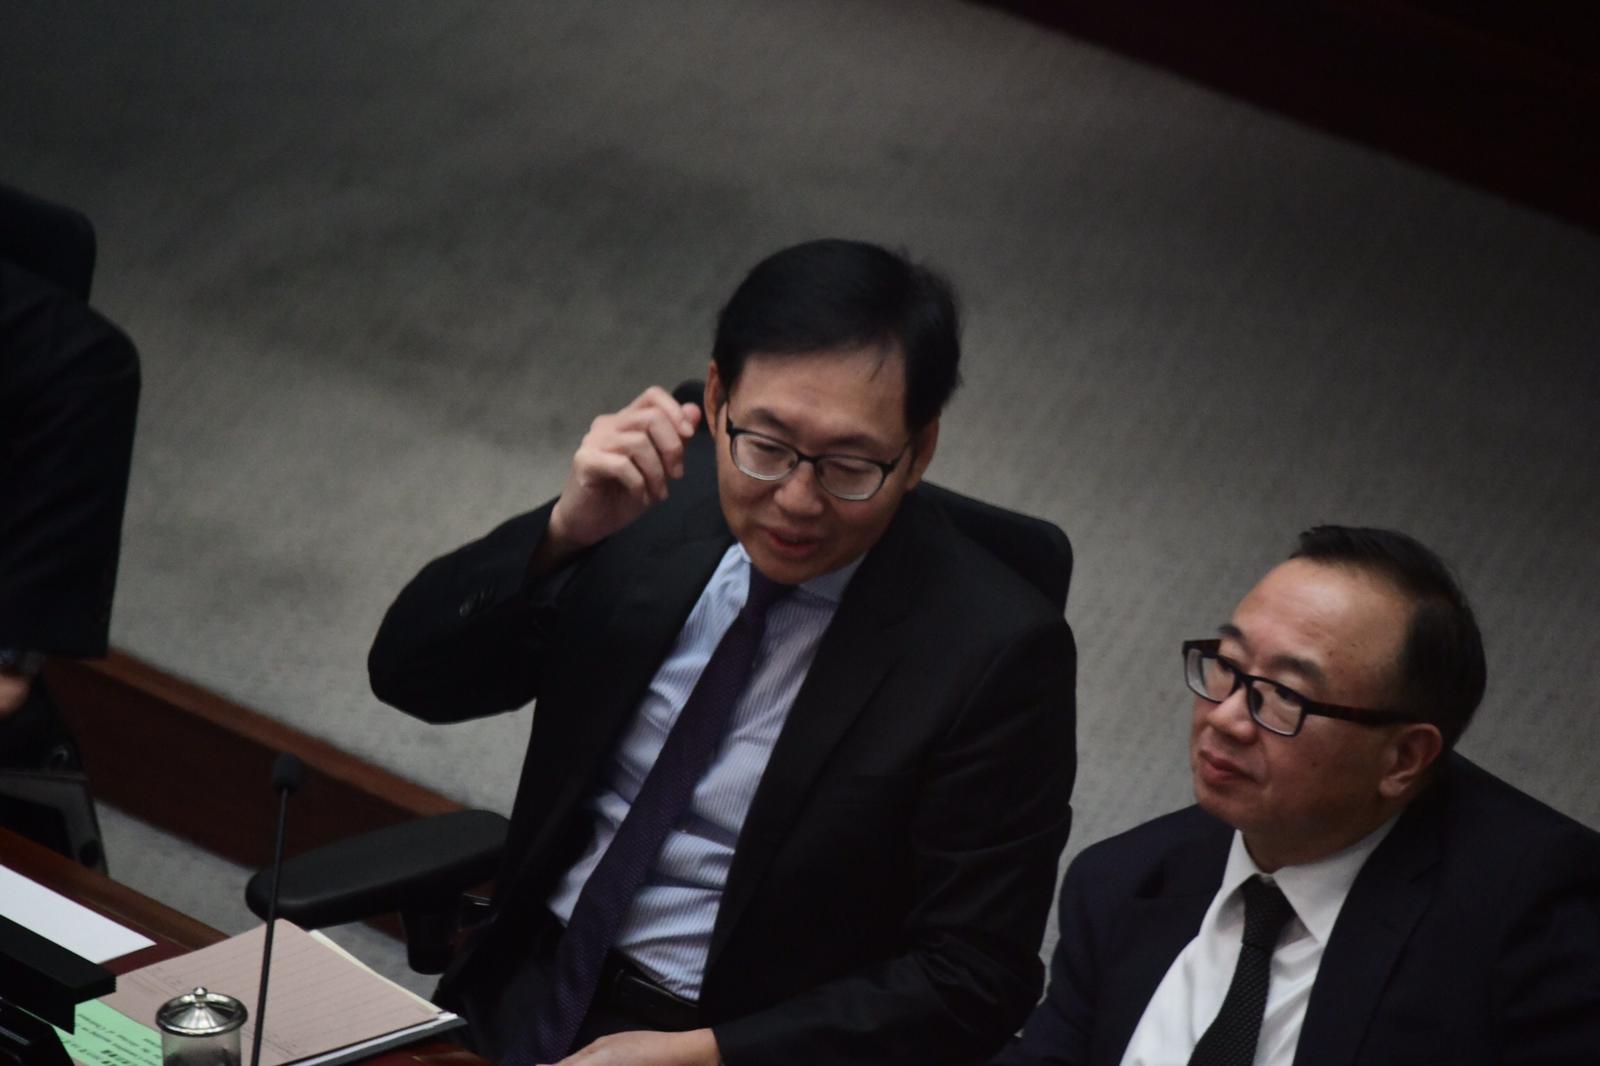 主席候選人中只有陳健波屬建制派。